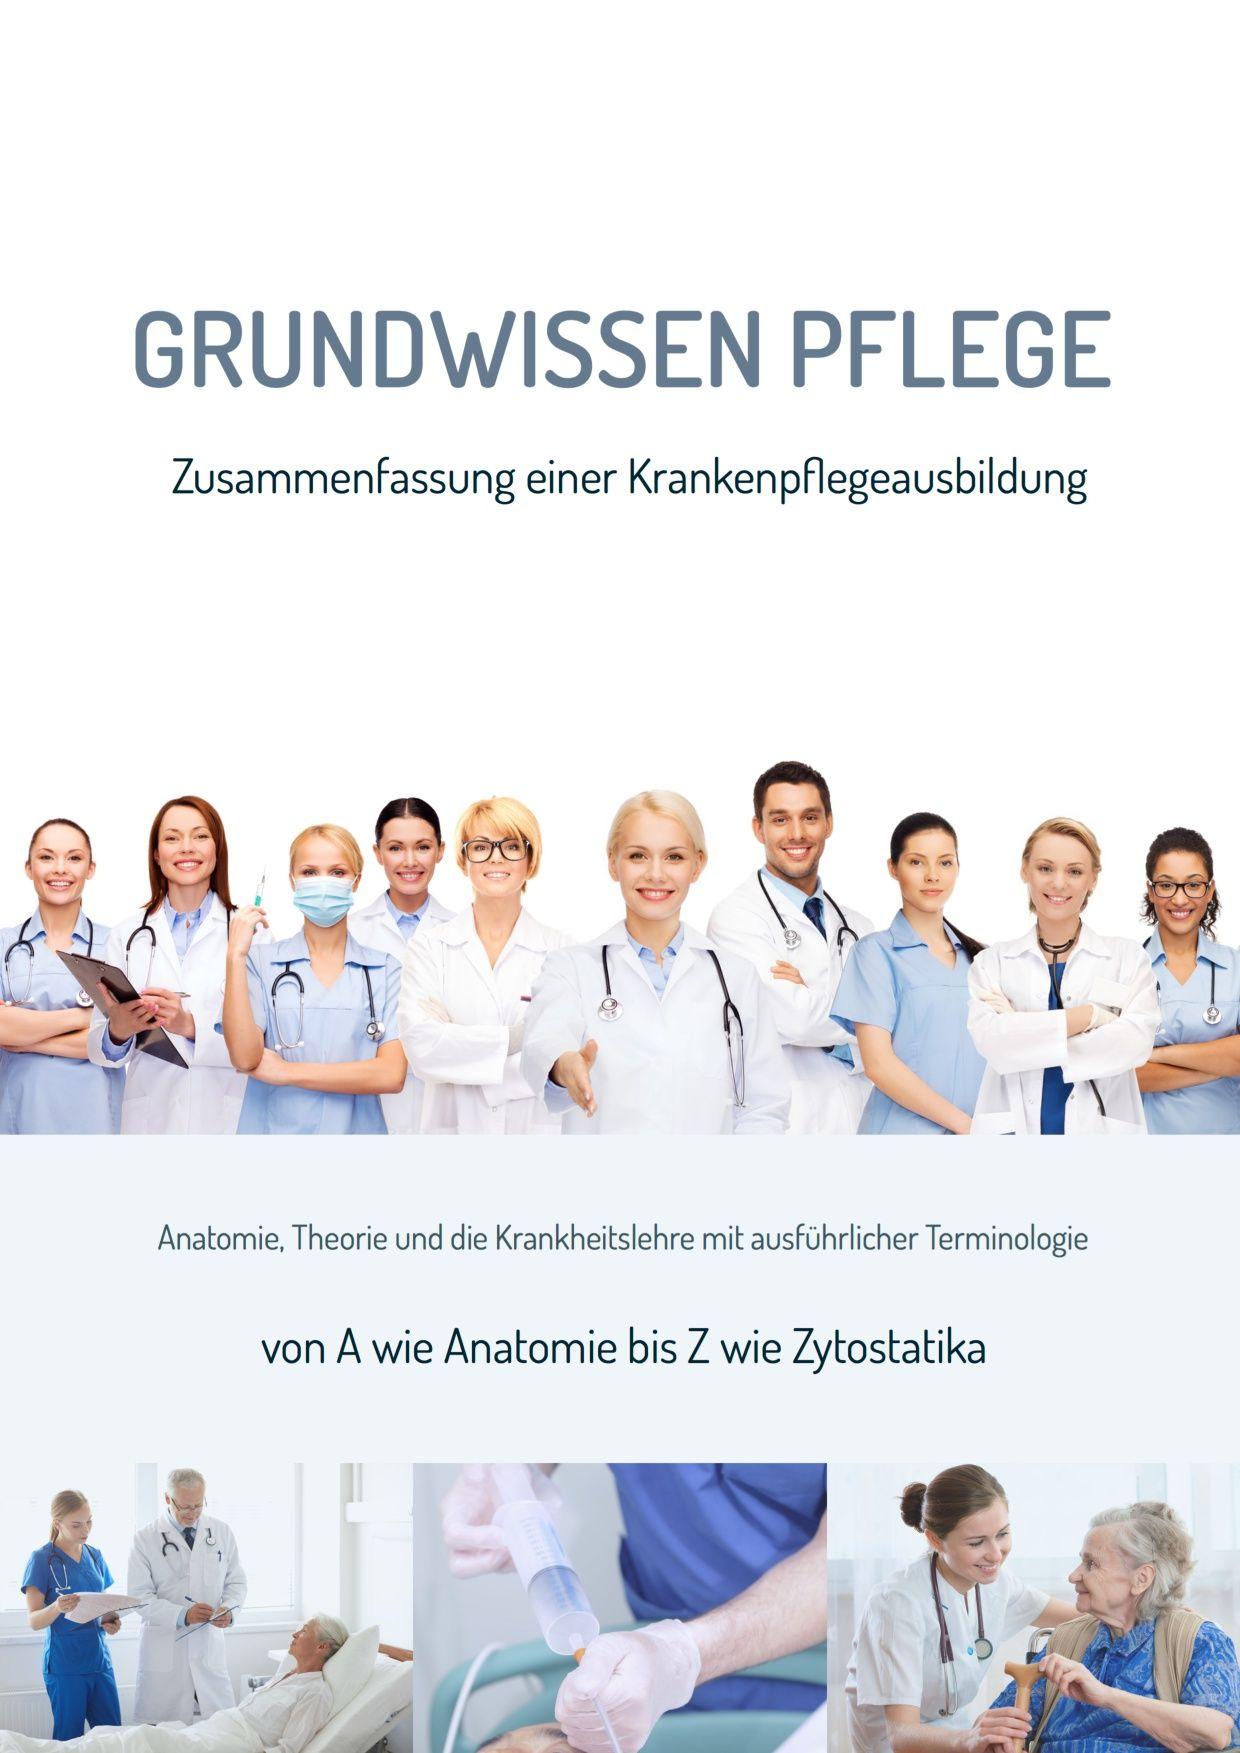 Grundwissen Pflege von Nazarenus, Arsenti: Zusammenfassung einer Krank